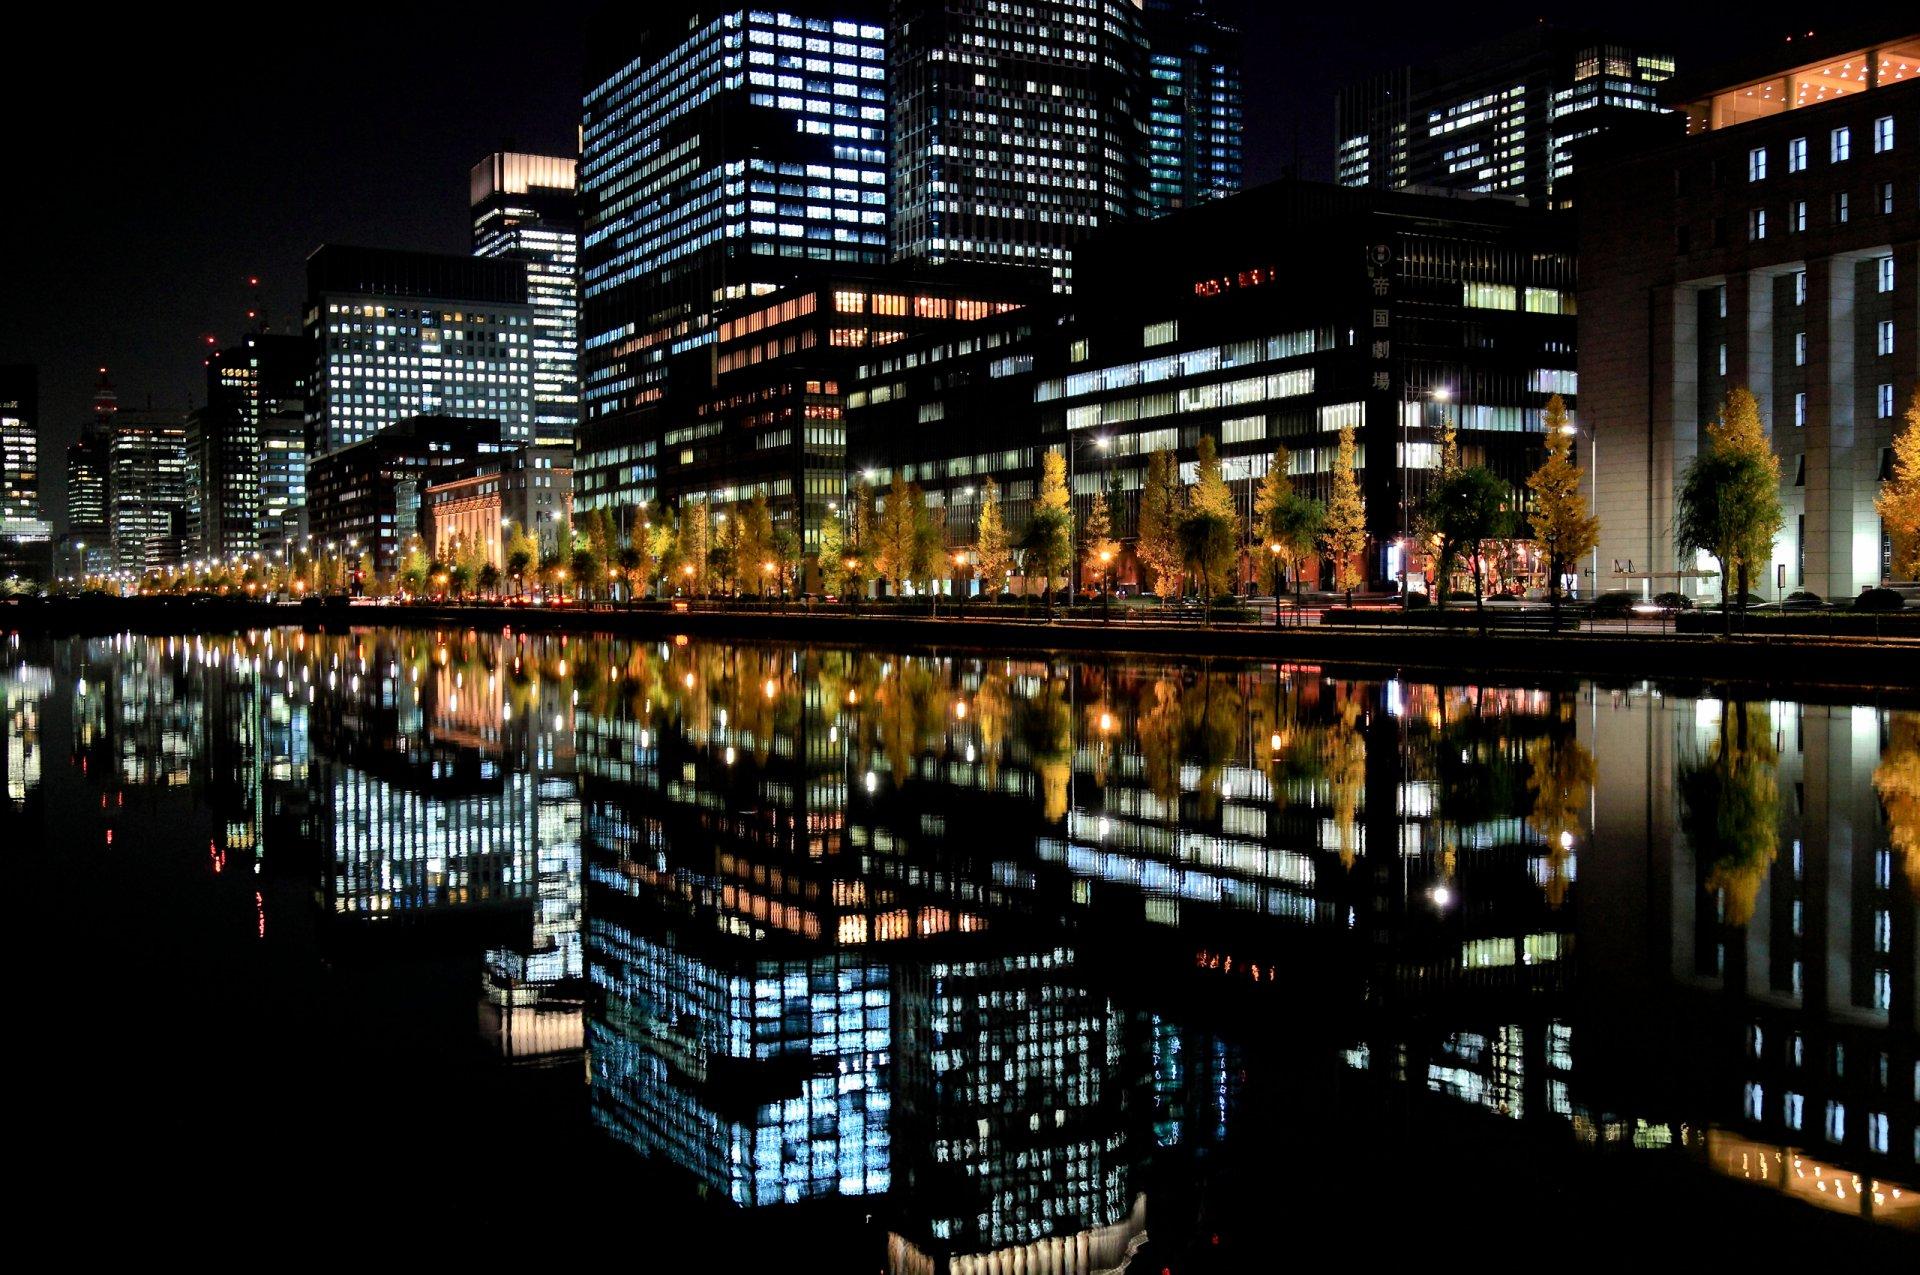 города огни картинки